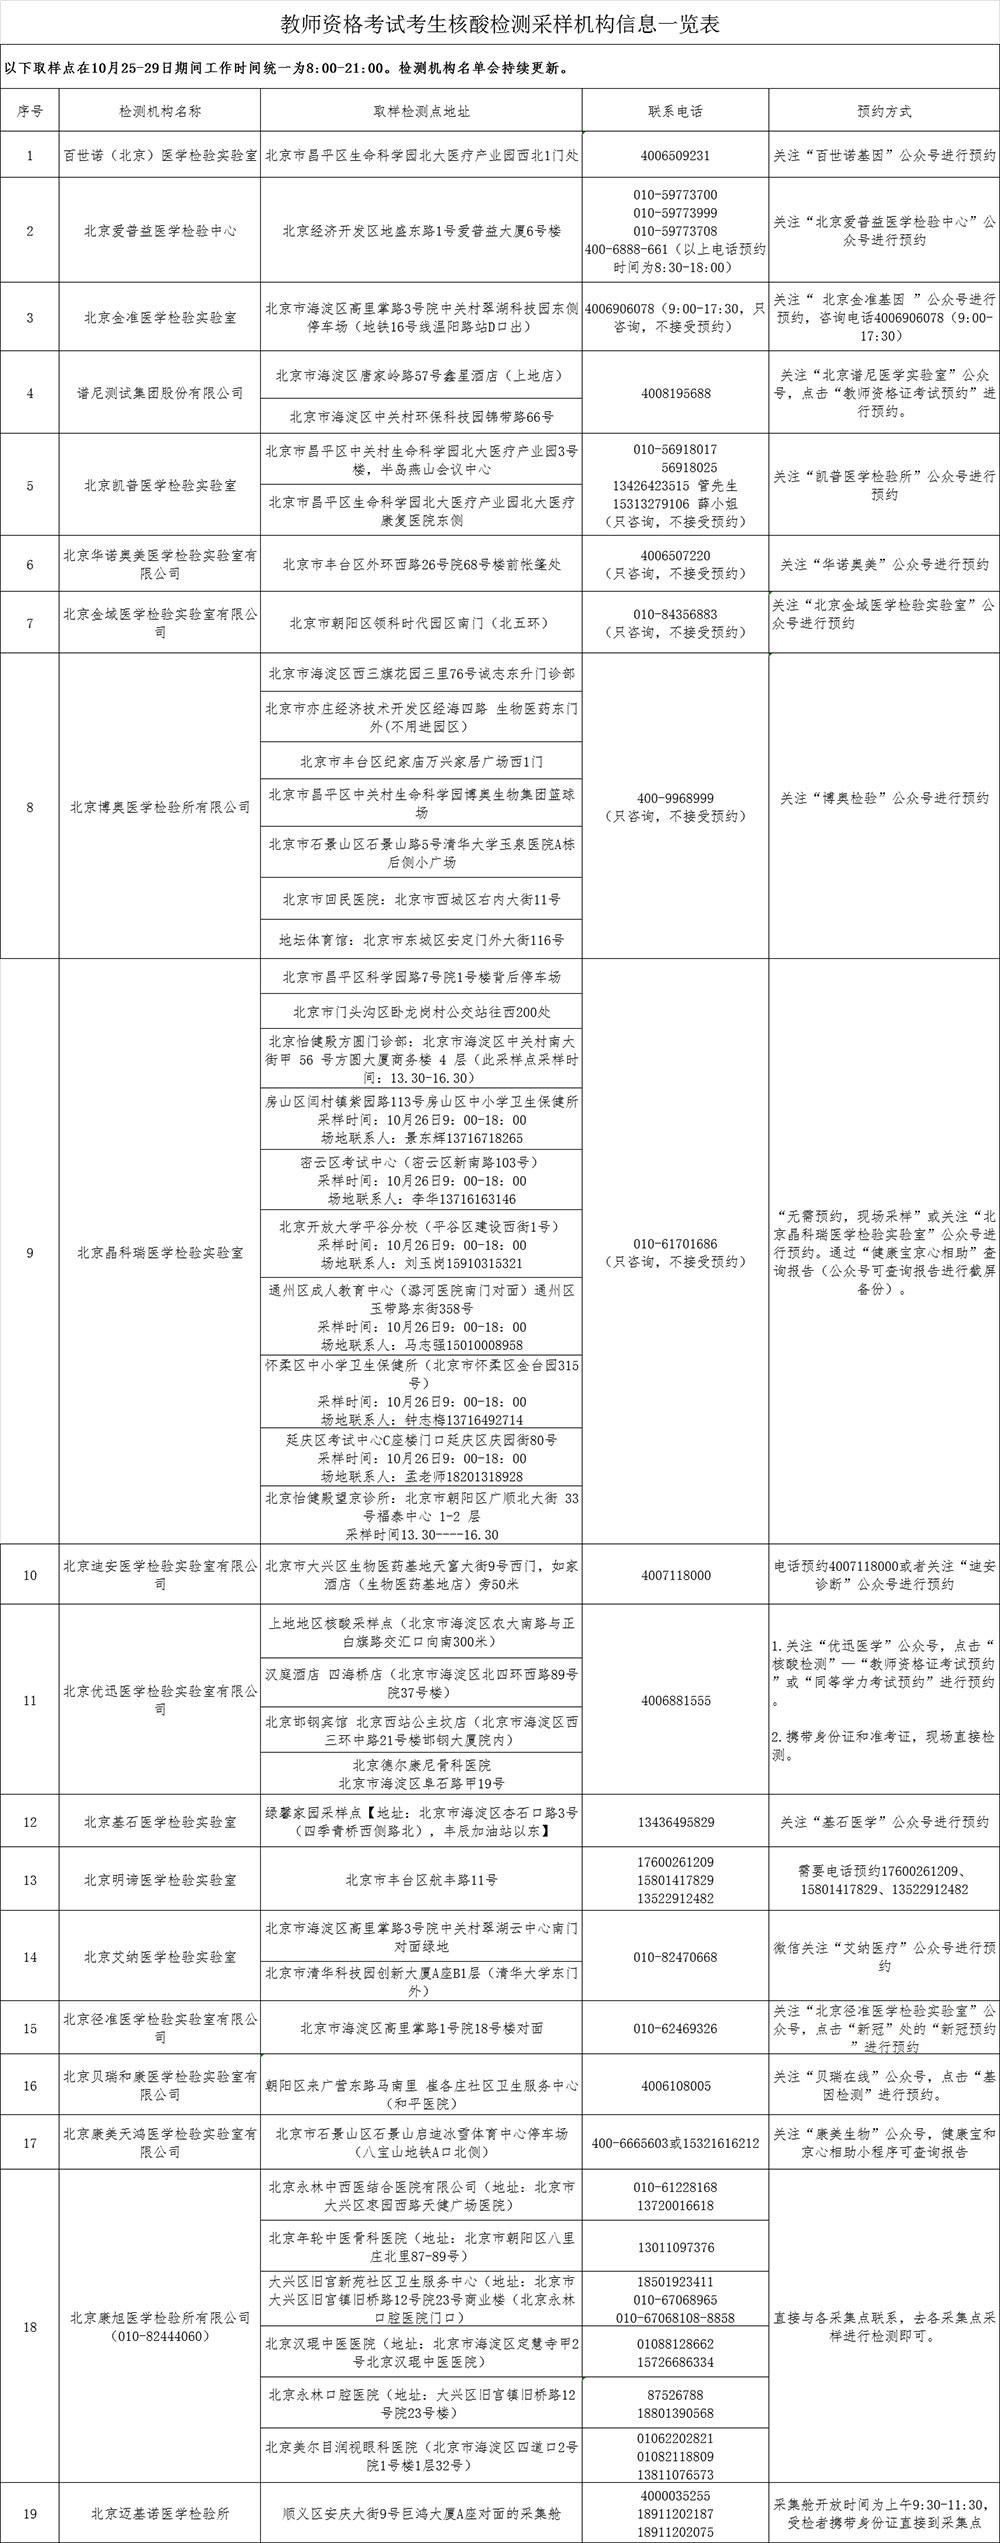 北京中小学教师资格考试前须做核酸检测?市委教育工委市教委防疫工作领导小组作出回应图片